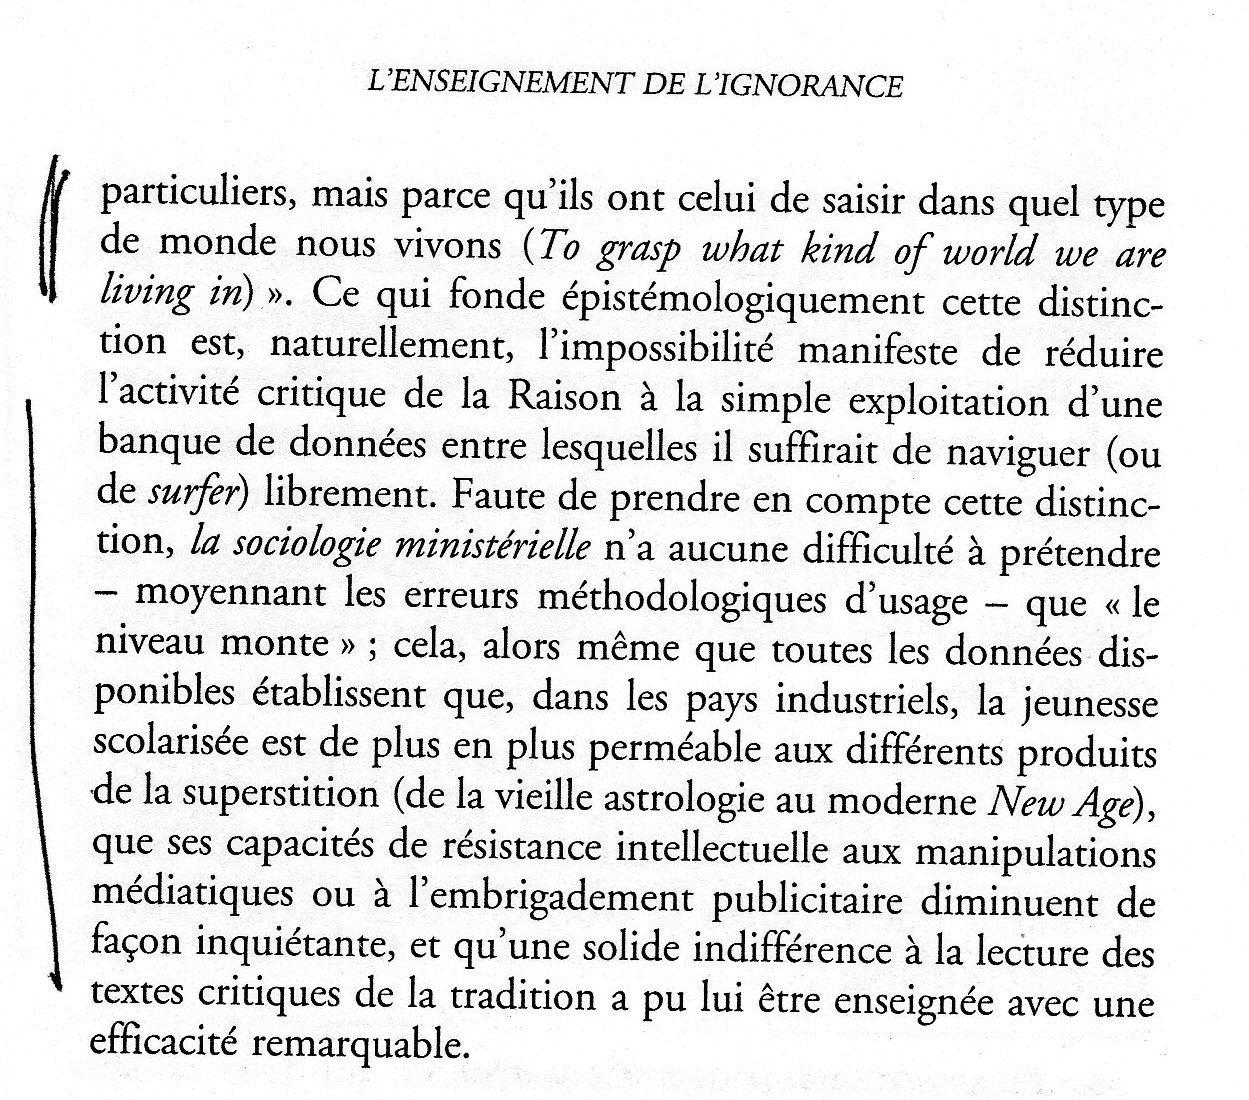 L'enseignement de l'ignorance, par Jean-Claude Michéa.